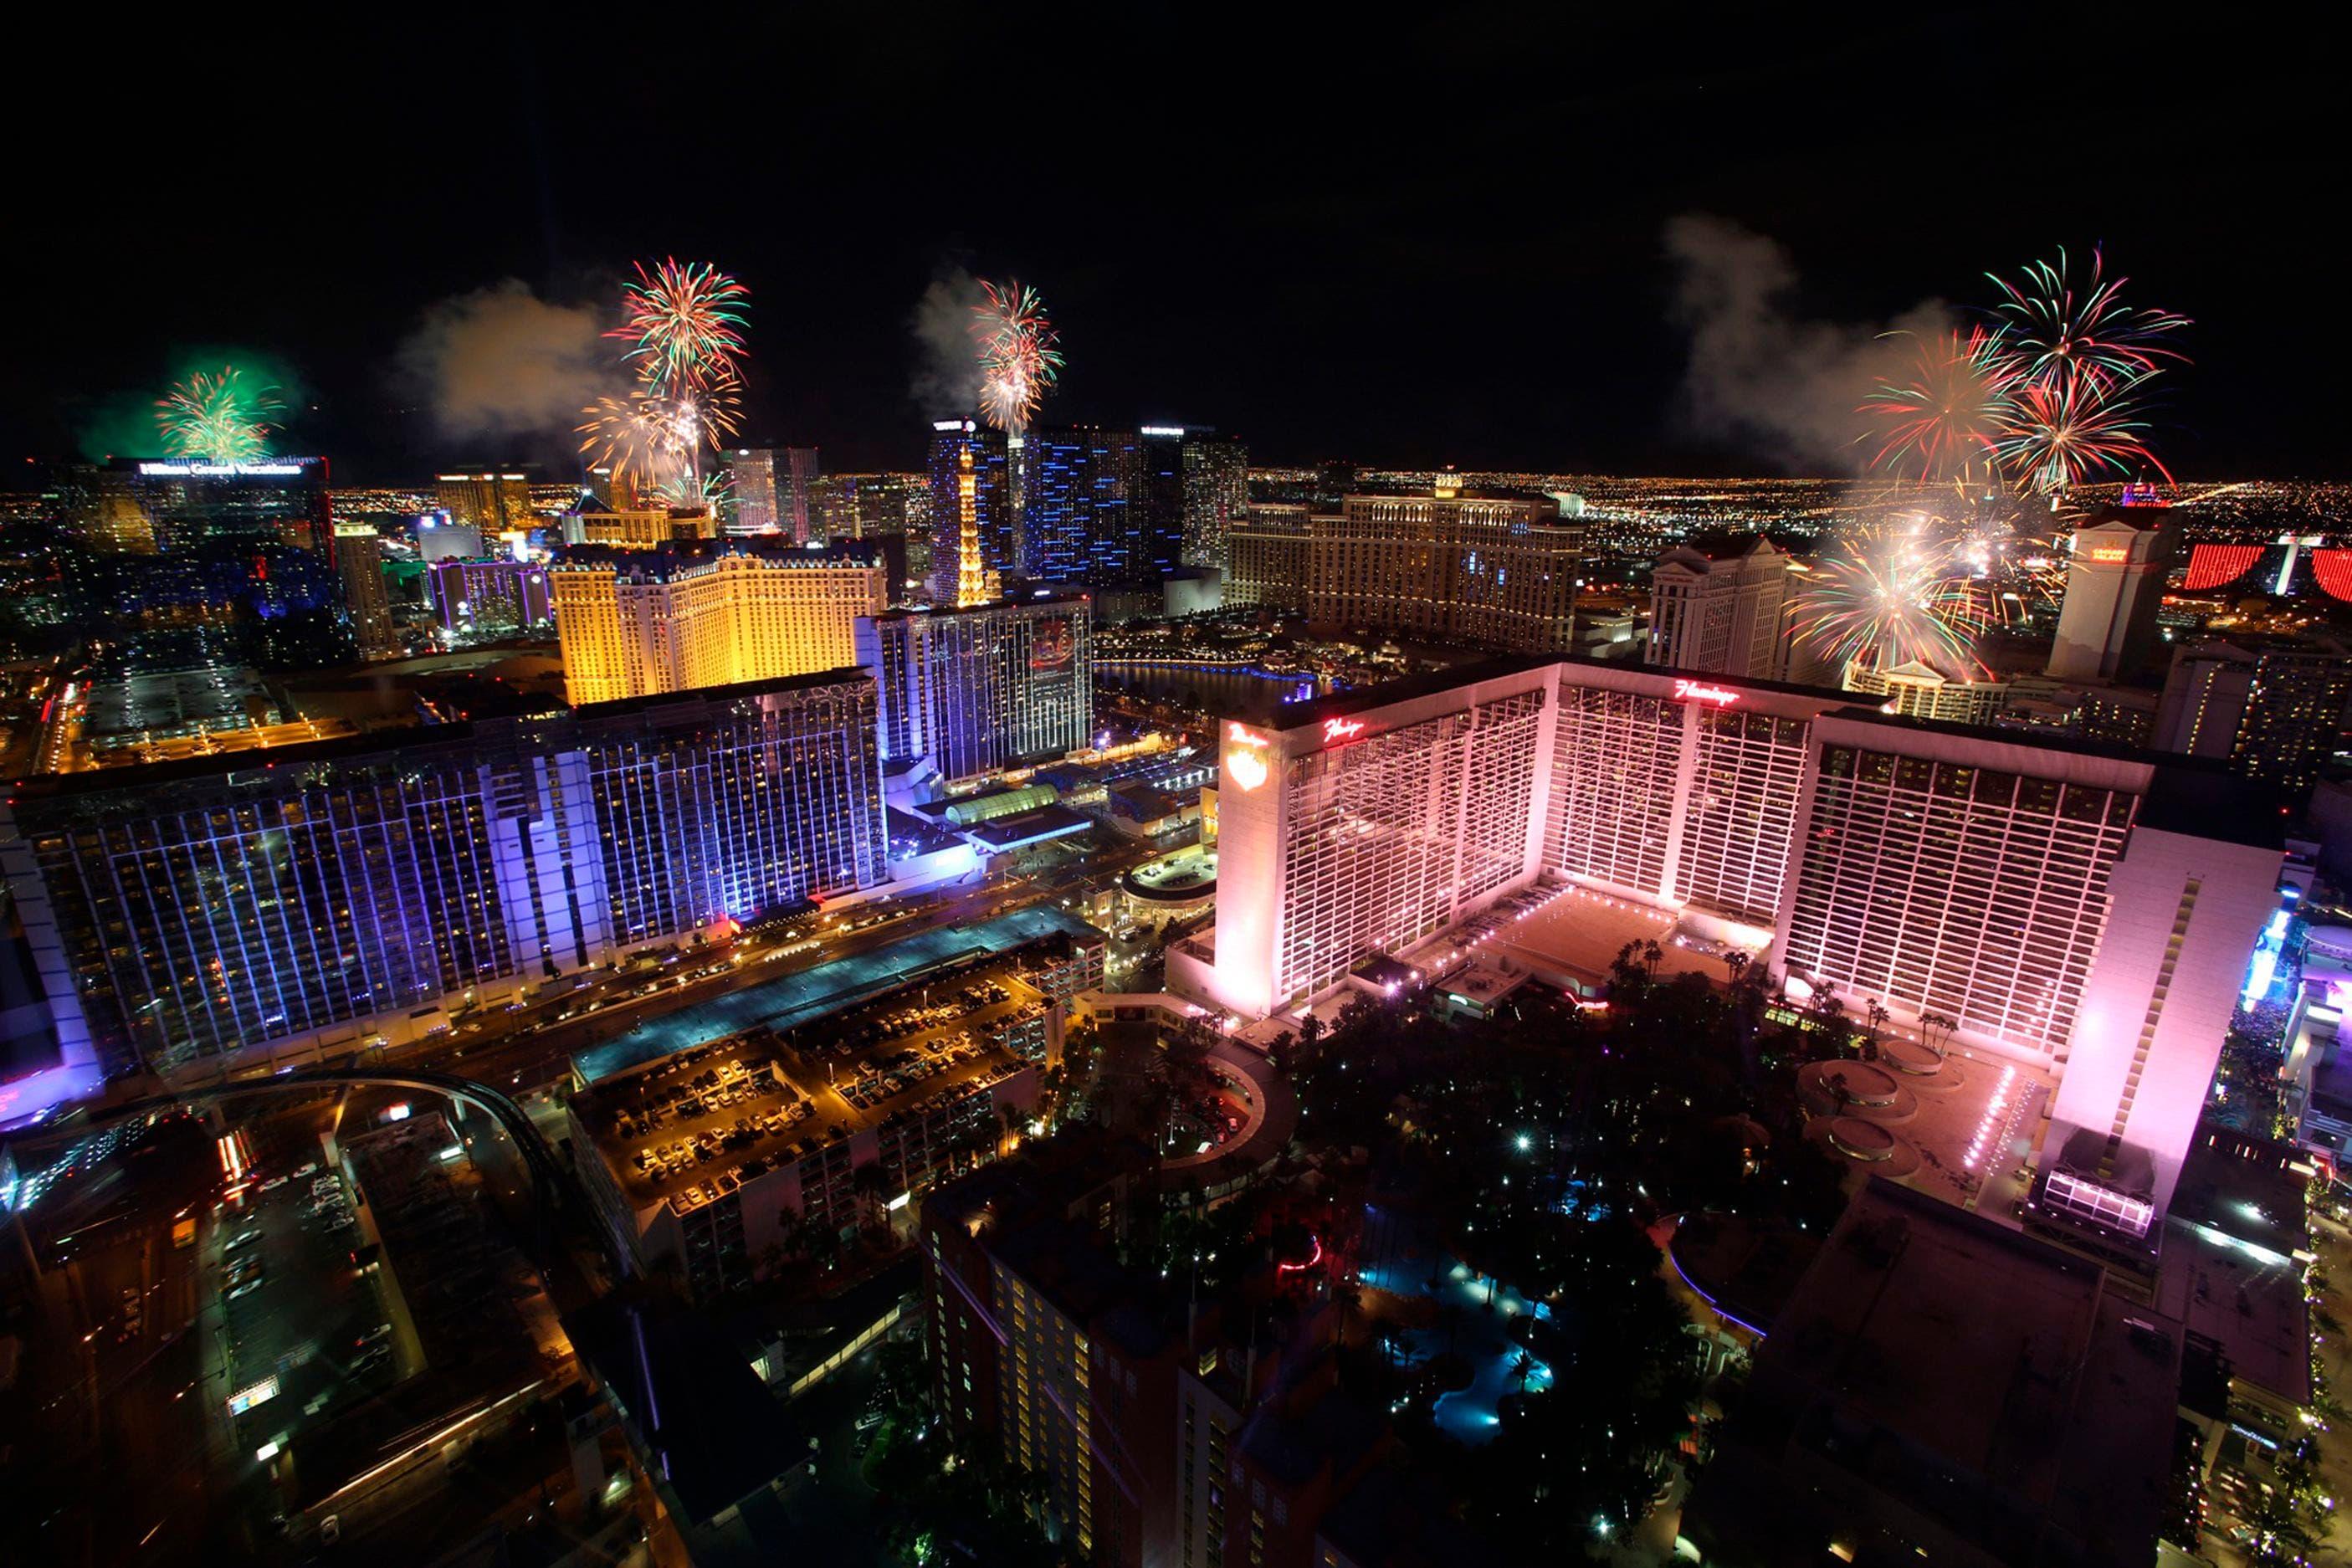 New Year celebrations around the world